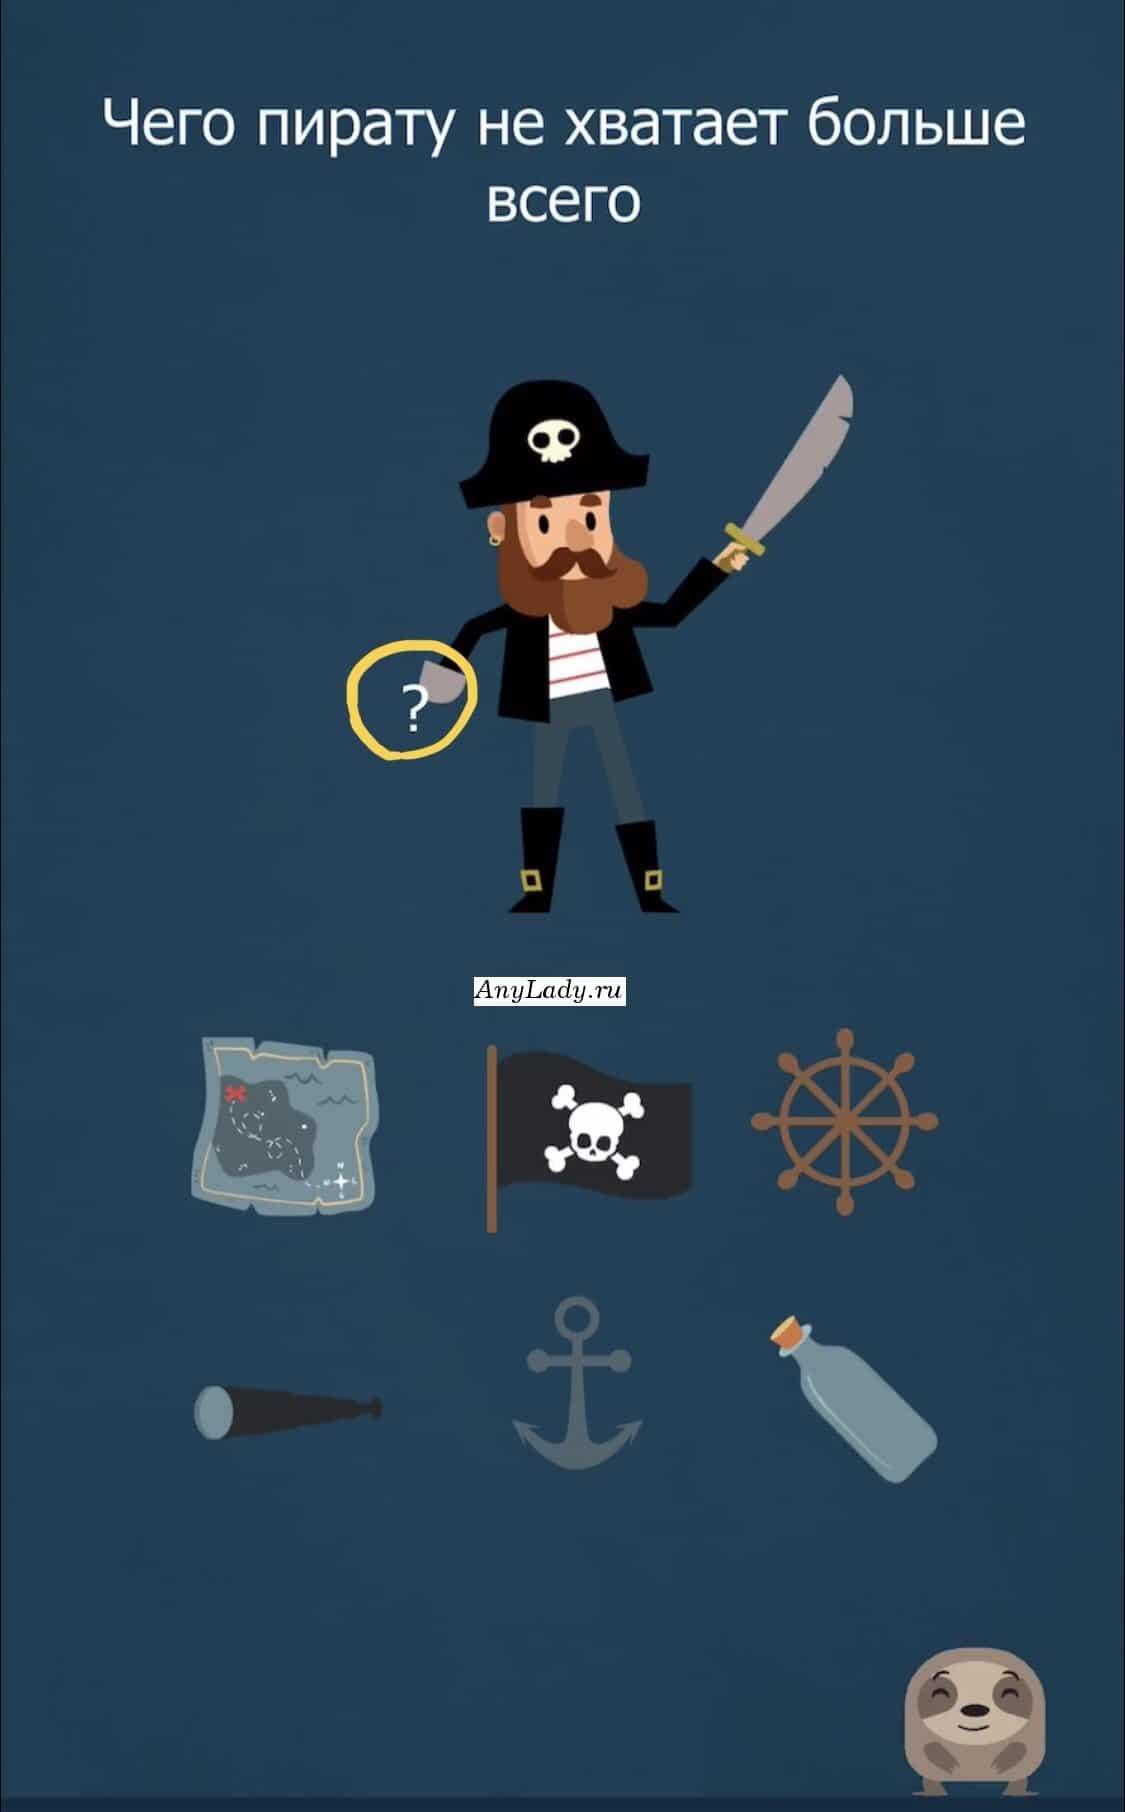 Пирату не хватает крюка, вместо руки. Используйте знак вопроса - передвинув его на место отсутствующей руки.